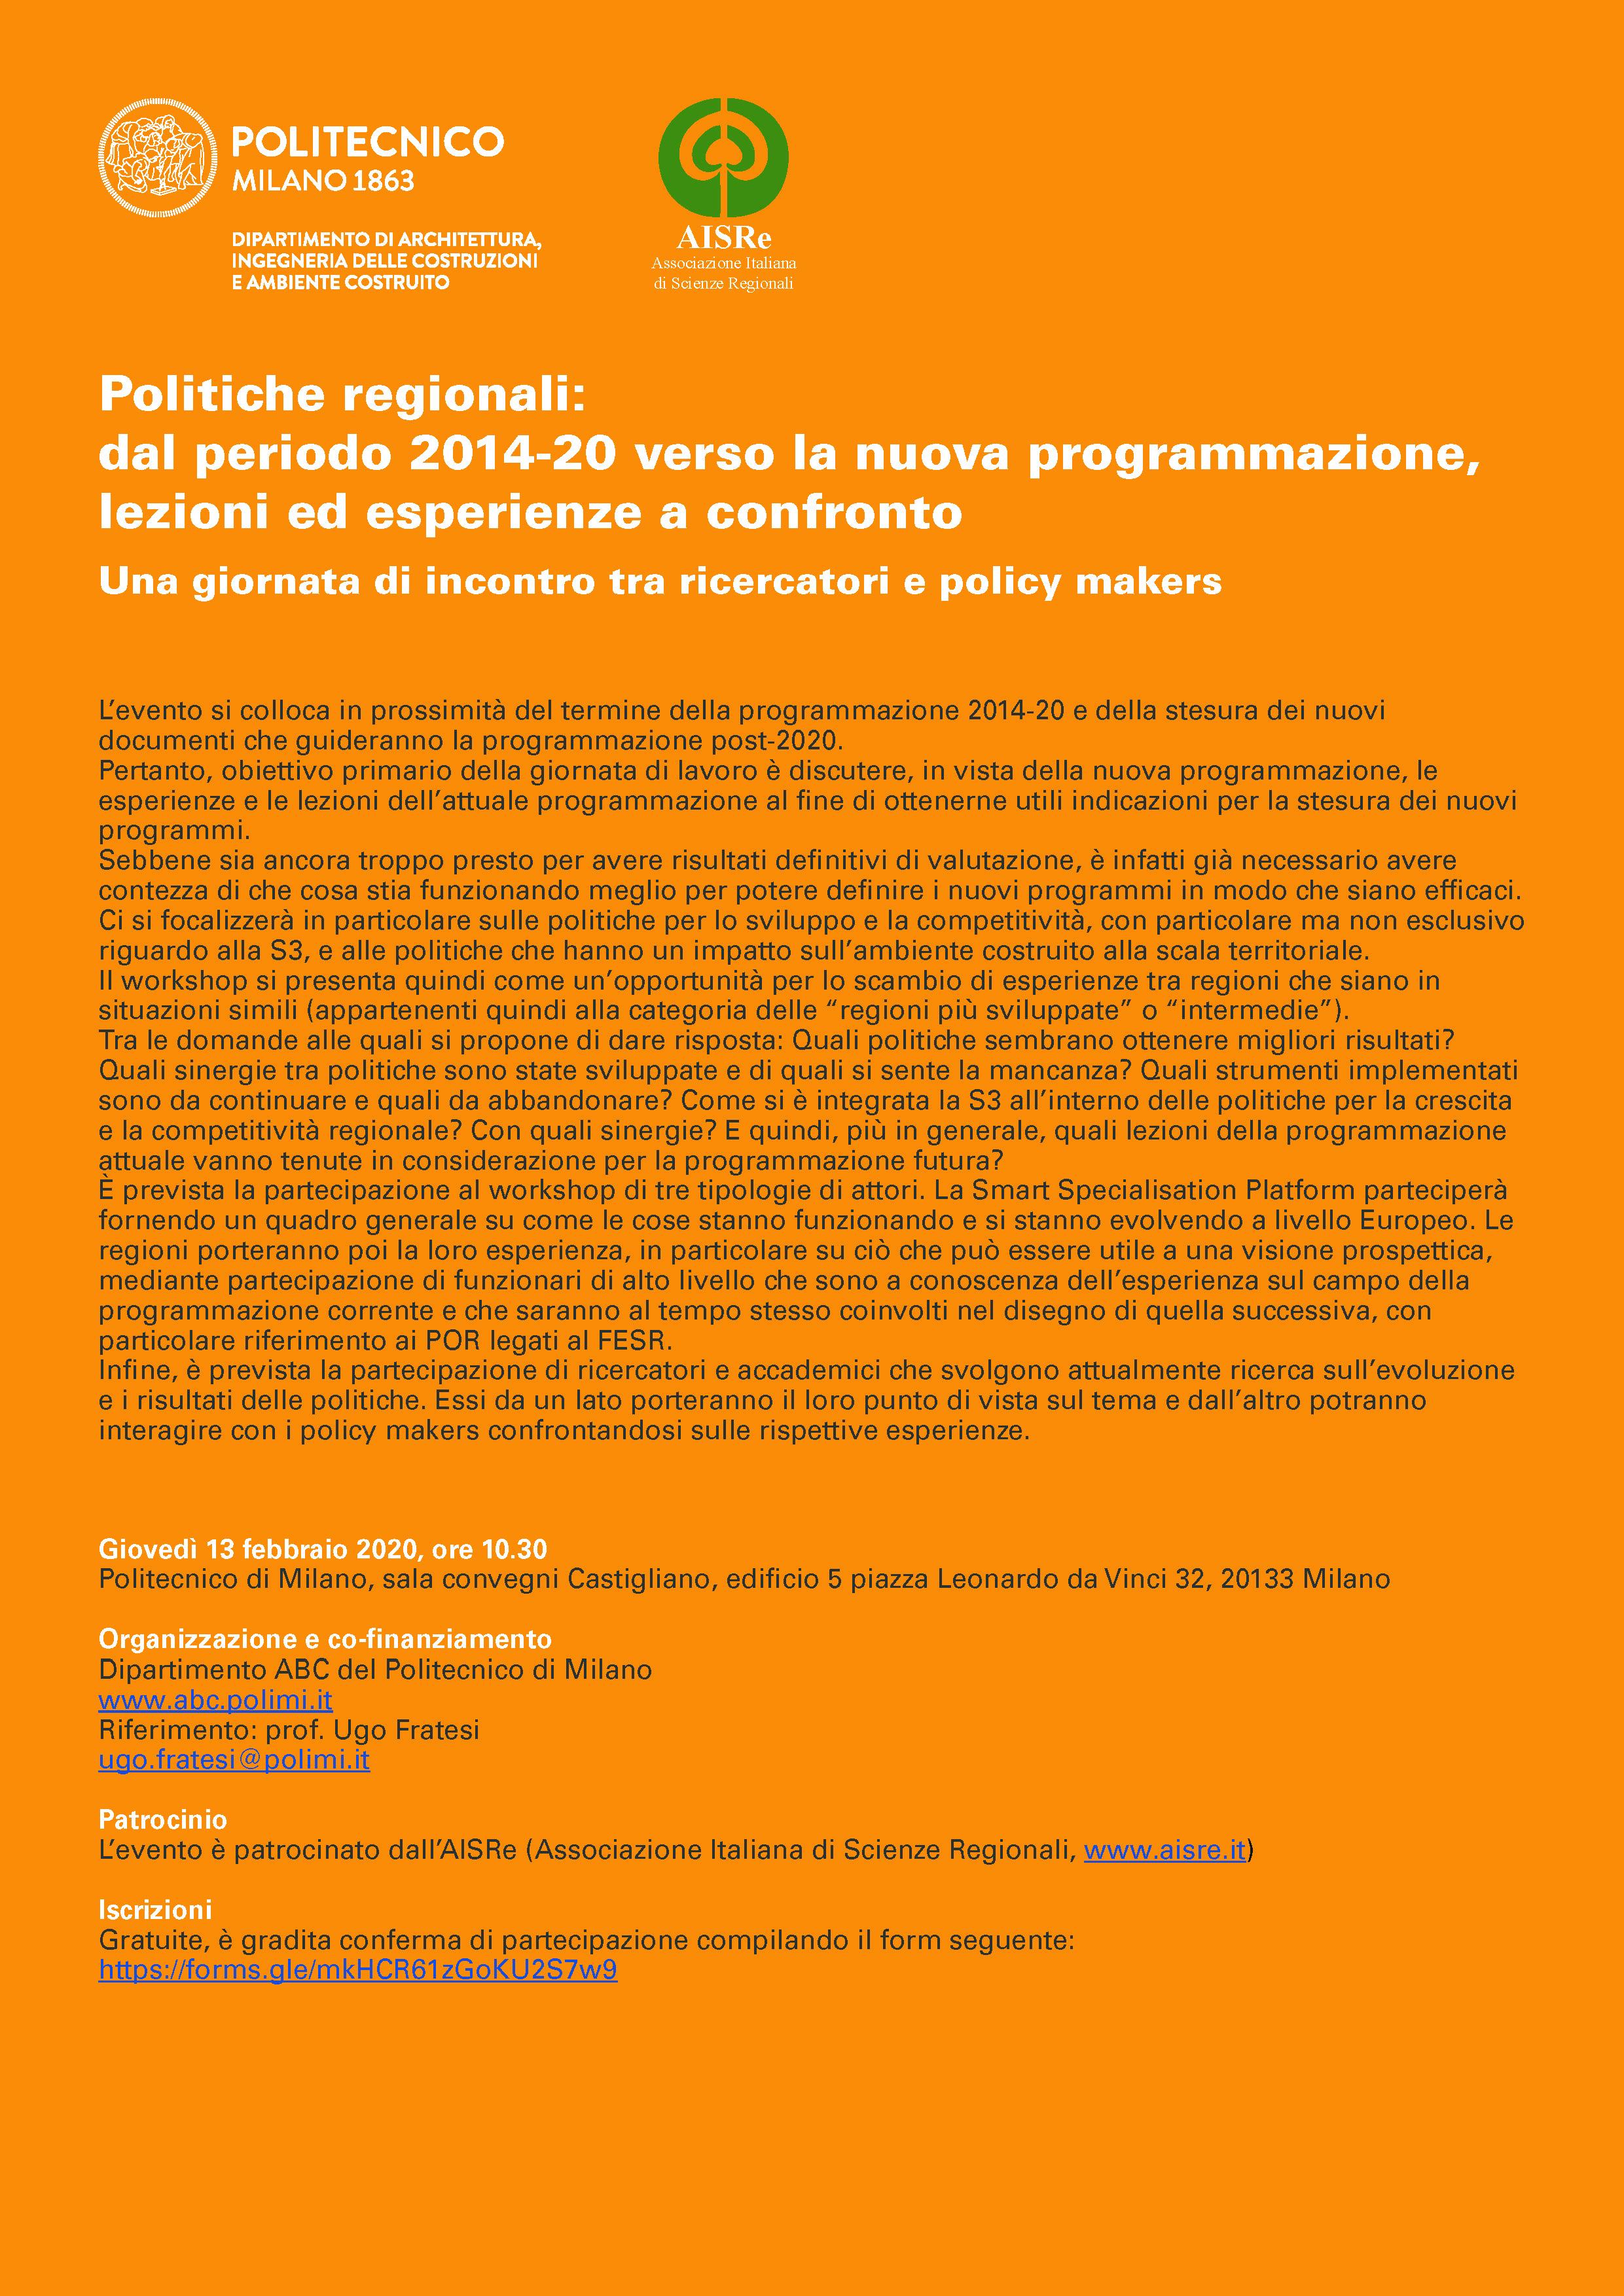 Locandina giornata incontri Polimi_AISRe 13.02.2020